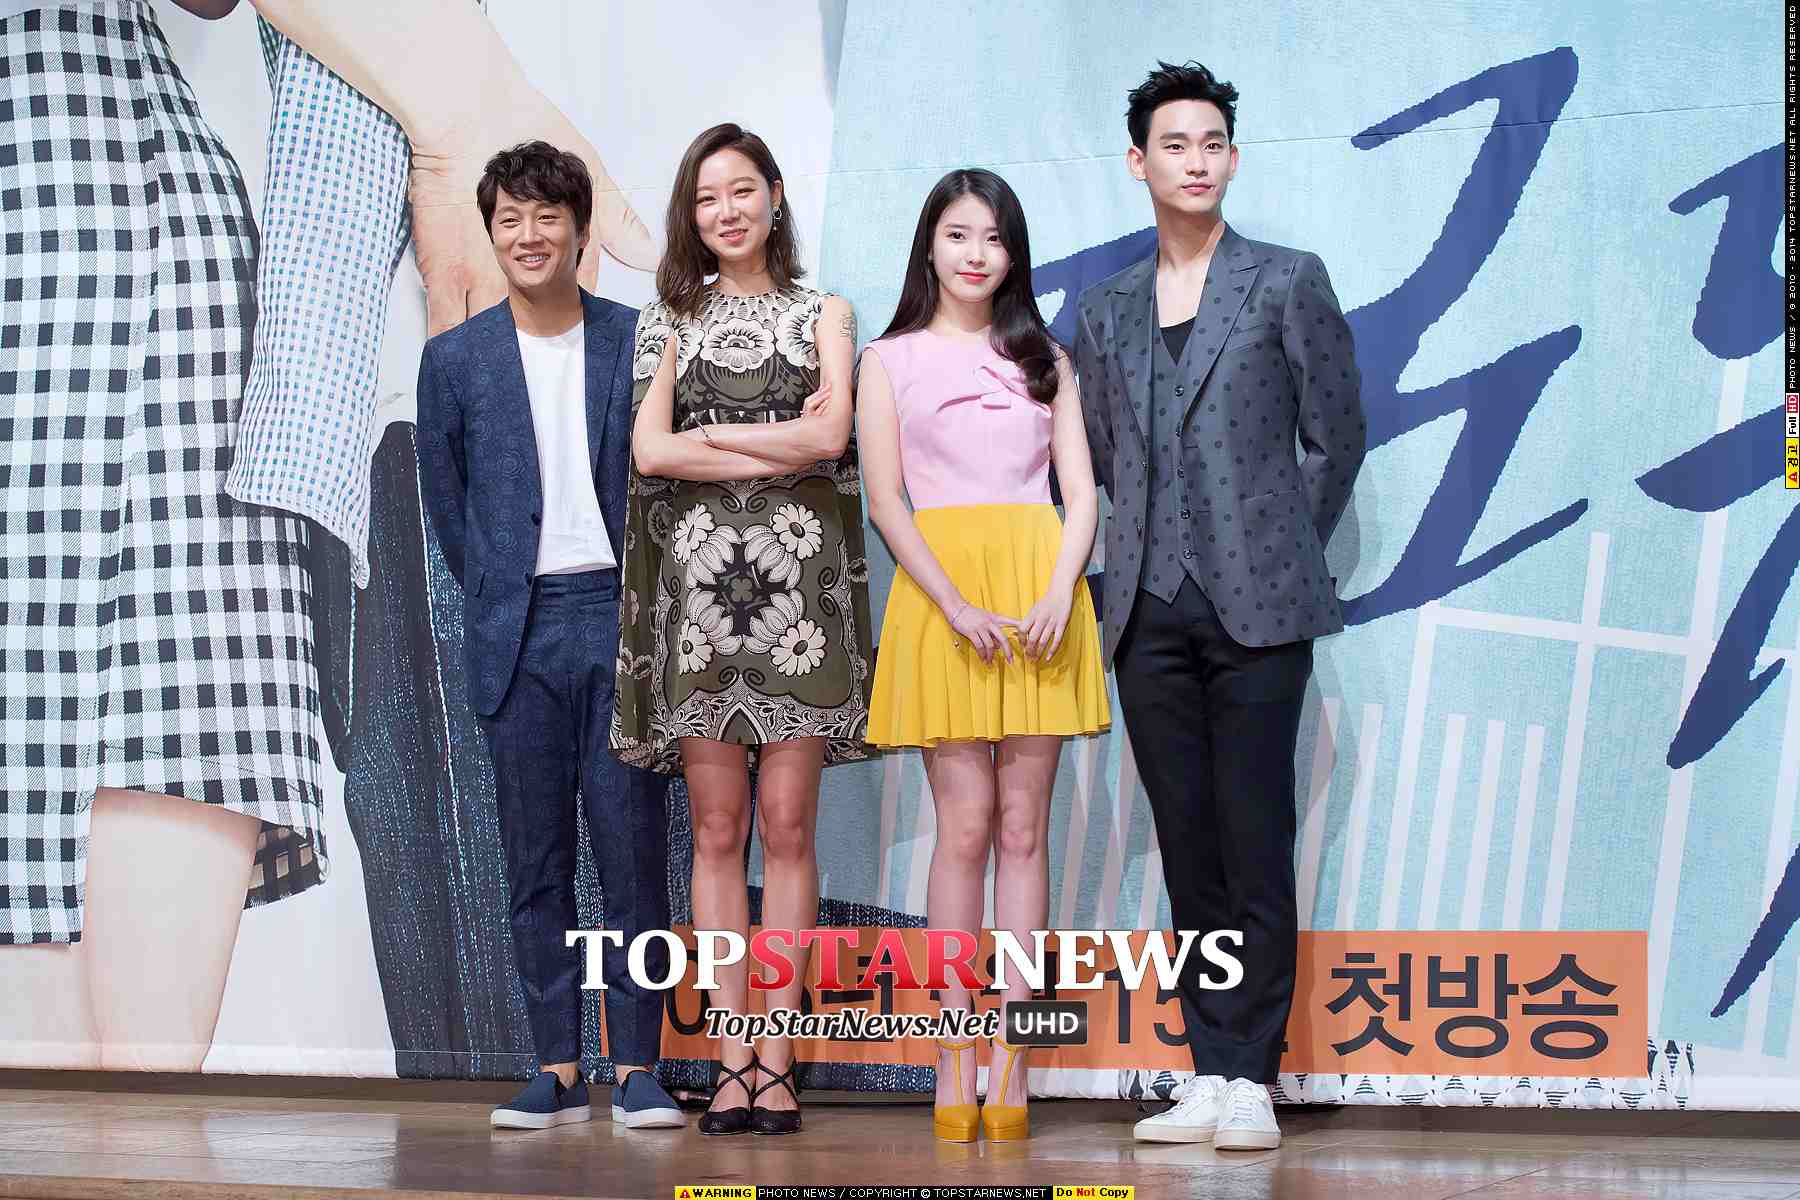 其實他不只演過洪雪的弟弟,也在KBS戲劇《製作人的那些事/製作人》中,飾演孔曉振的醫大高材生弟弟-卓藝俊。